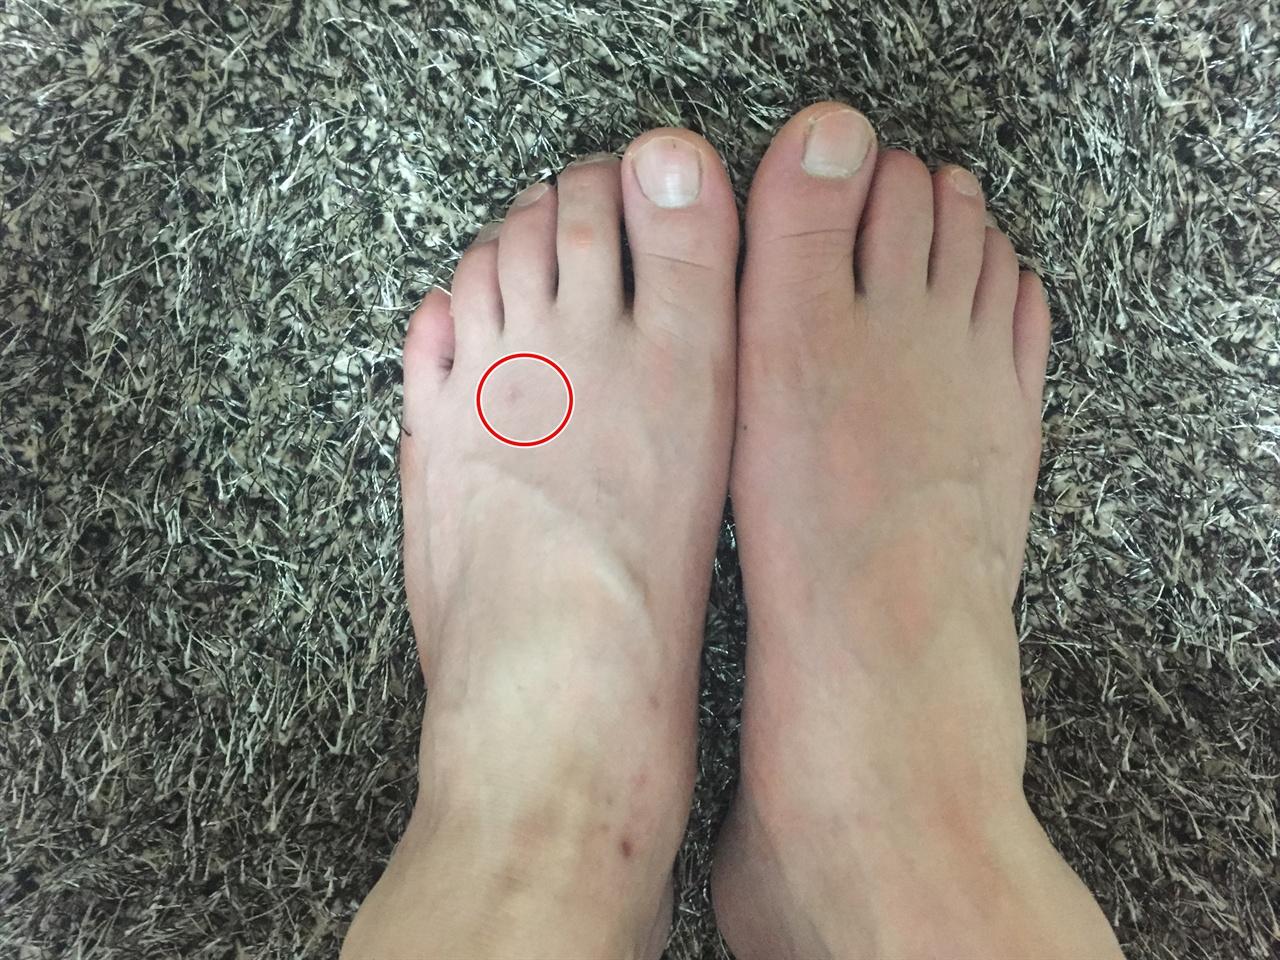 통풍 발작이 왔을 때 사진을 찍어 둘 생각을 못했다. 아직도 왼쪽 발이 불편한데 외관으로 보기에는 별로 차이가 없다